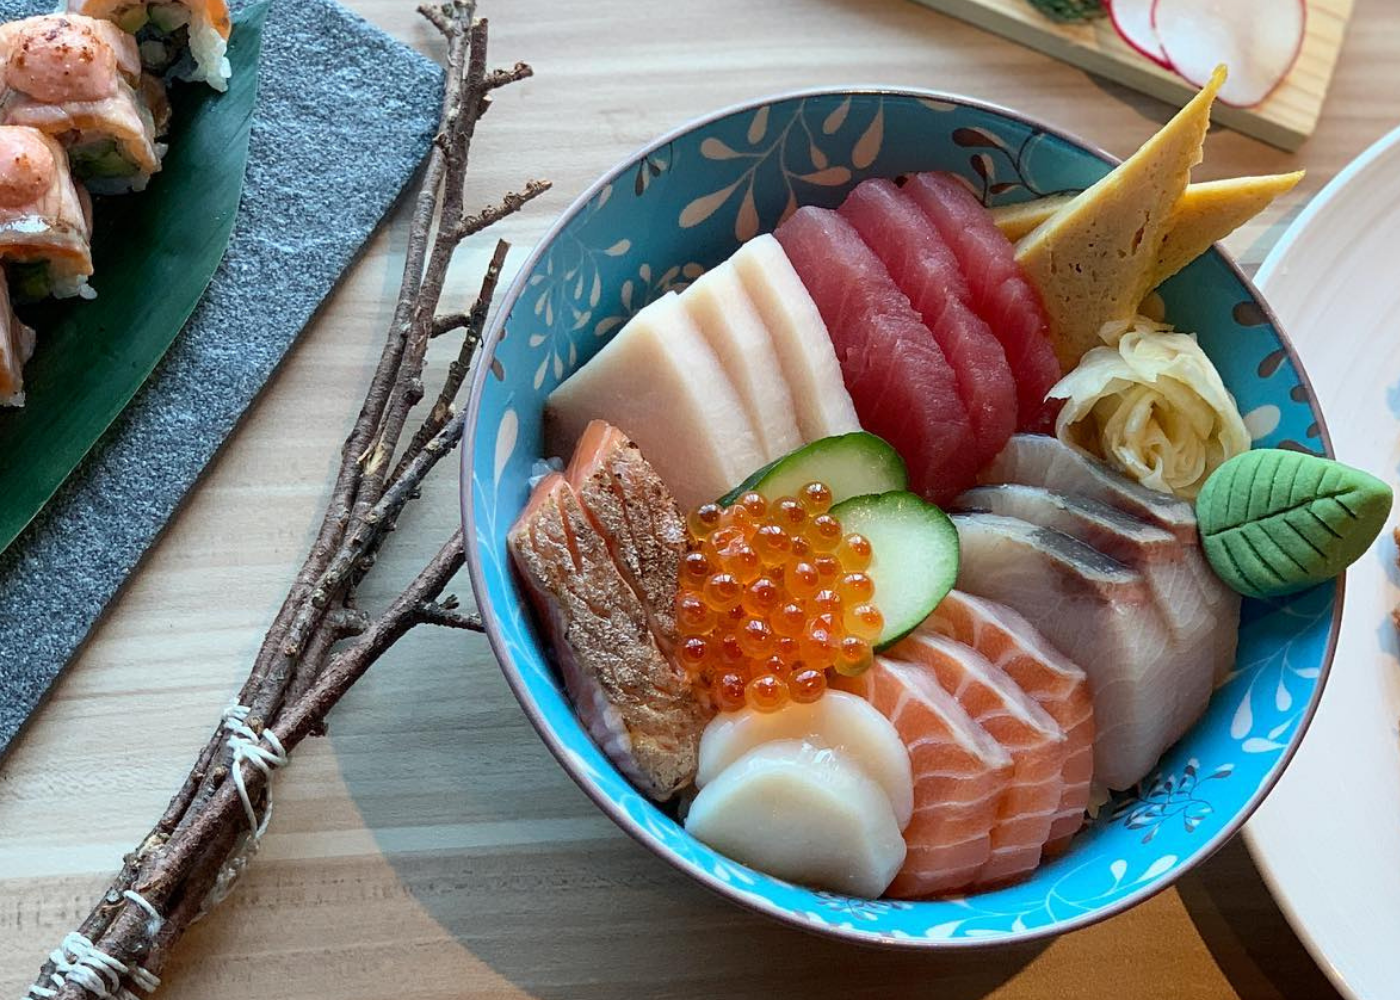 chirashi don from the sushi bar